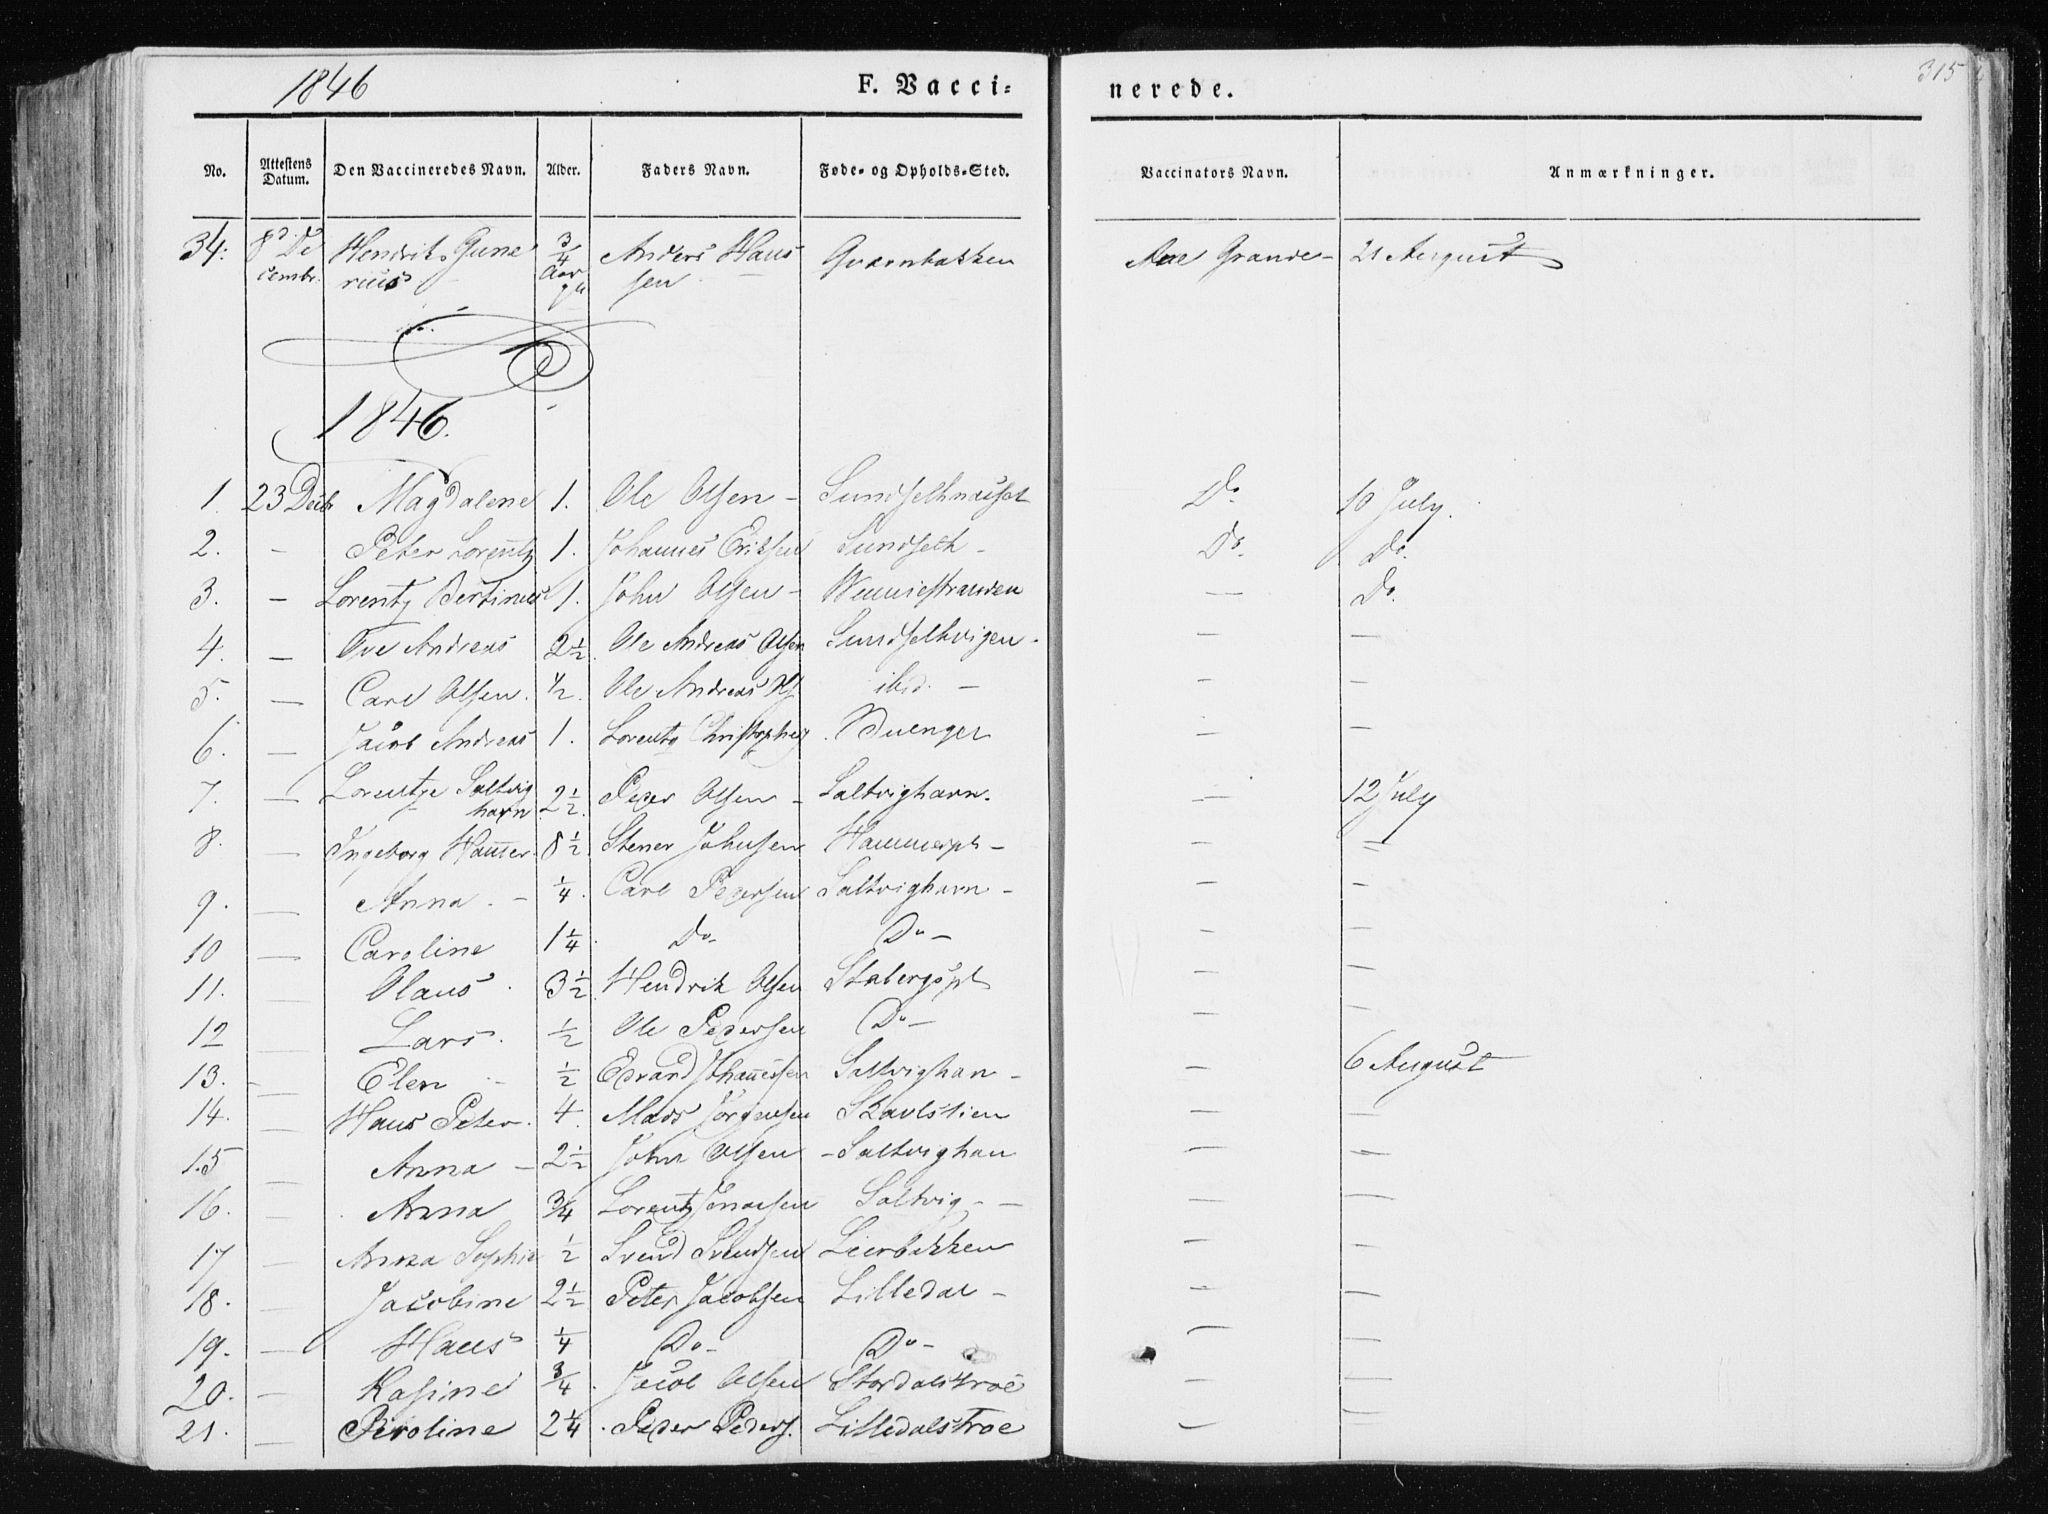 SAT, Ministerialprotokoller, klokkerbøker og fødselsregistre - Nord-Trøndelag, 733/L0323: Ministerialbok nr. 733A02, 1843-1870, s. 315